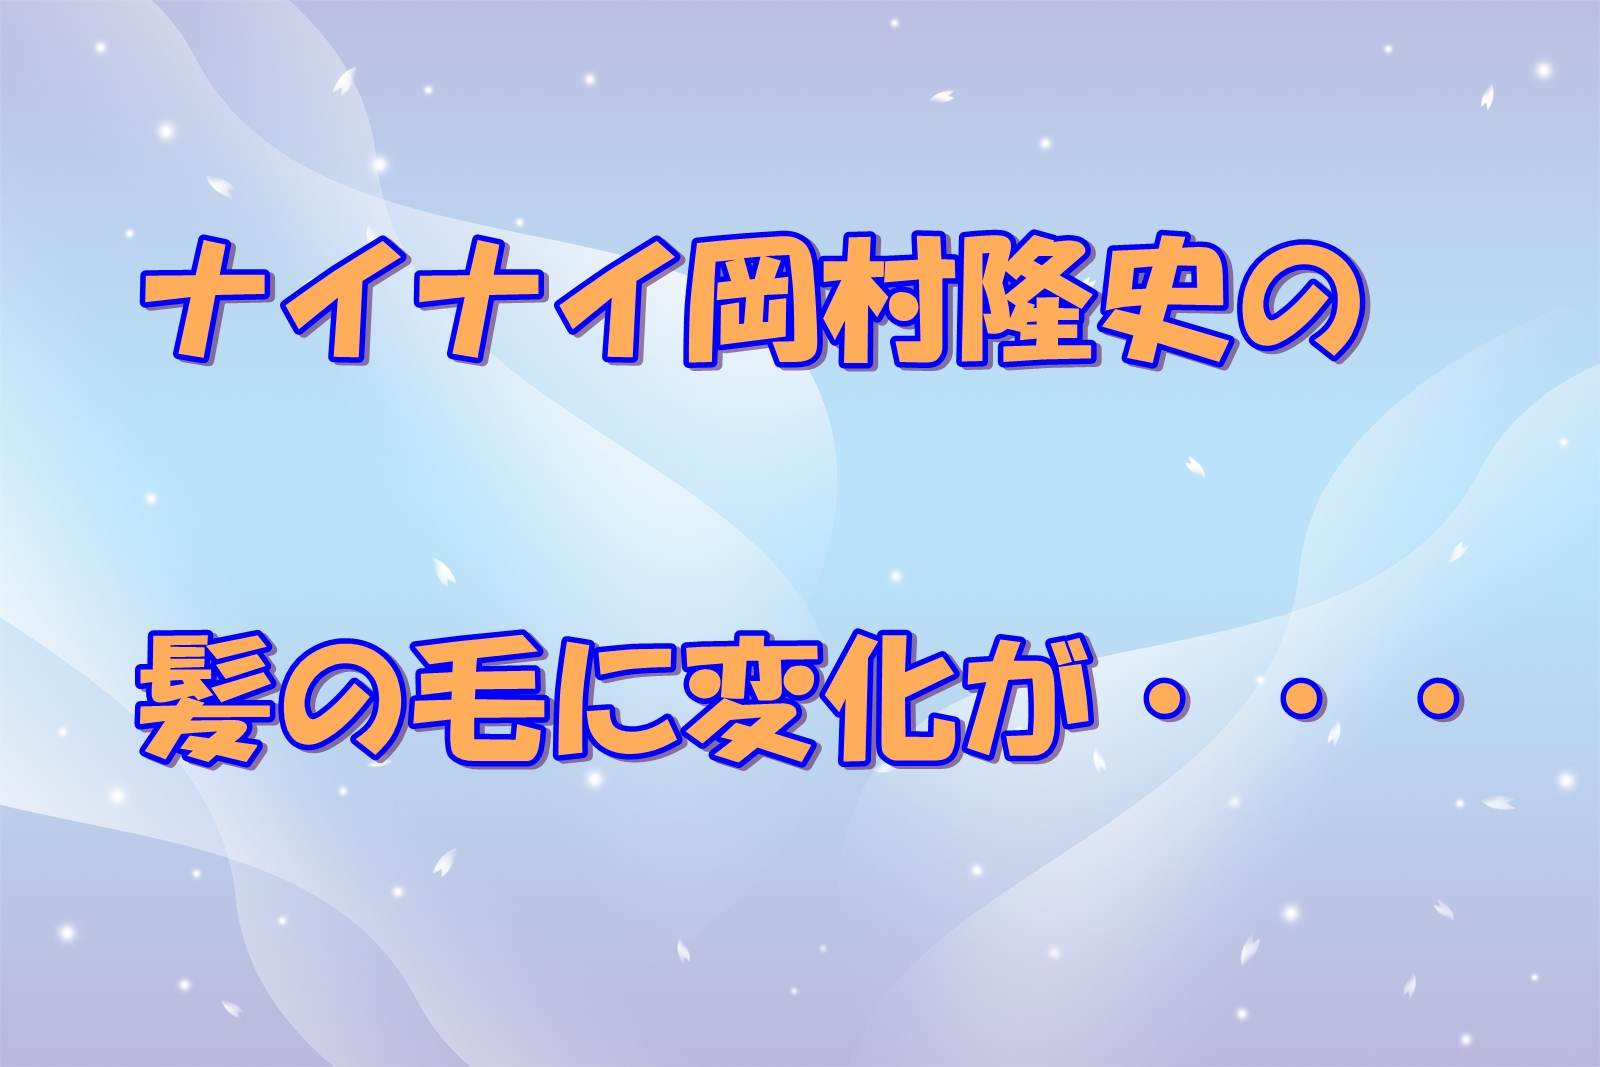 ナイナイ岡村隆史の髪の毛に変化が・・・病院での治療って?